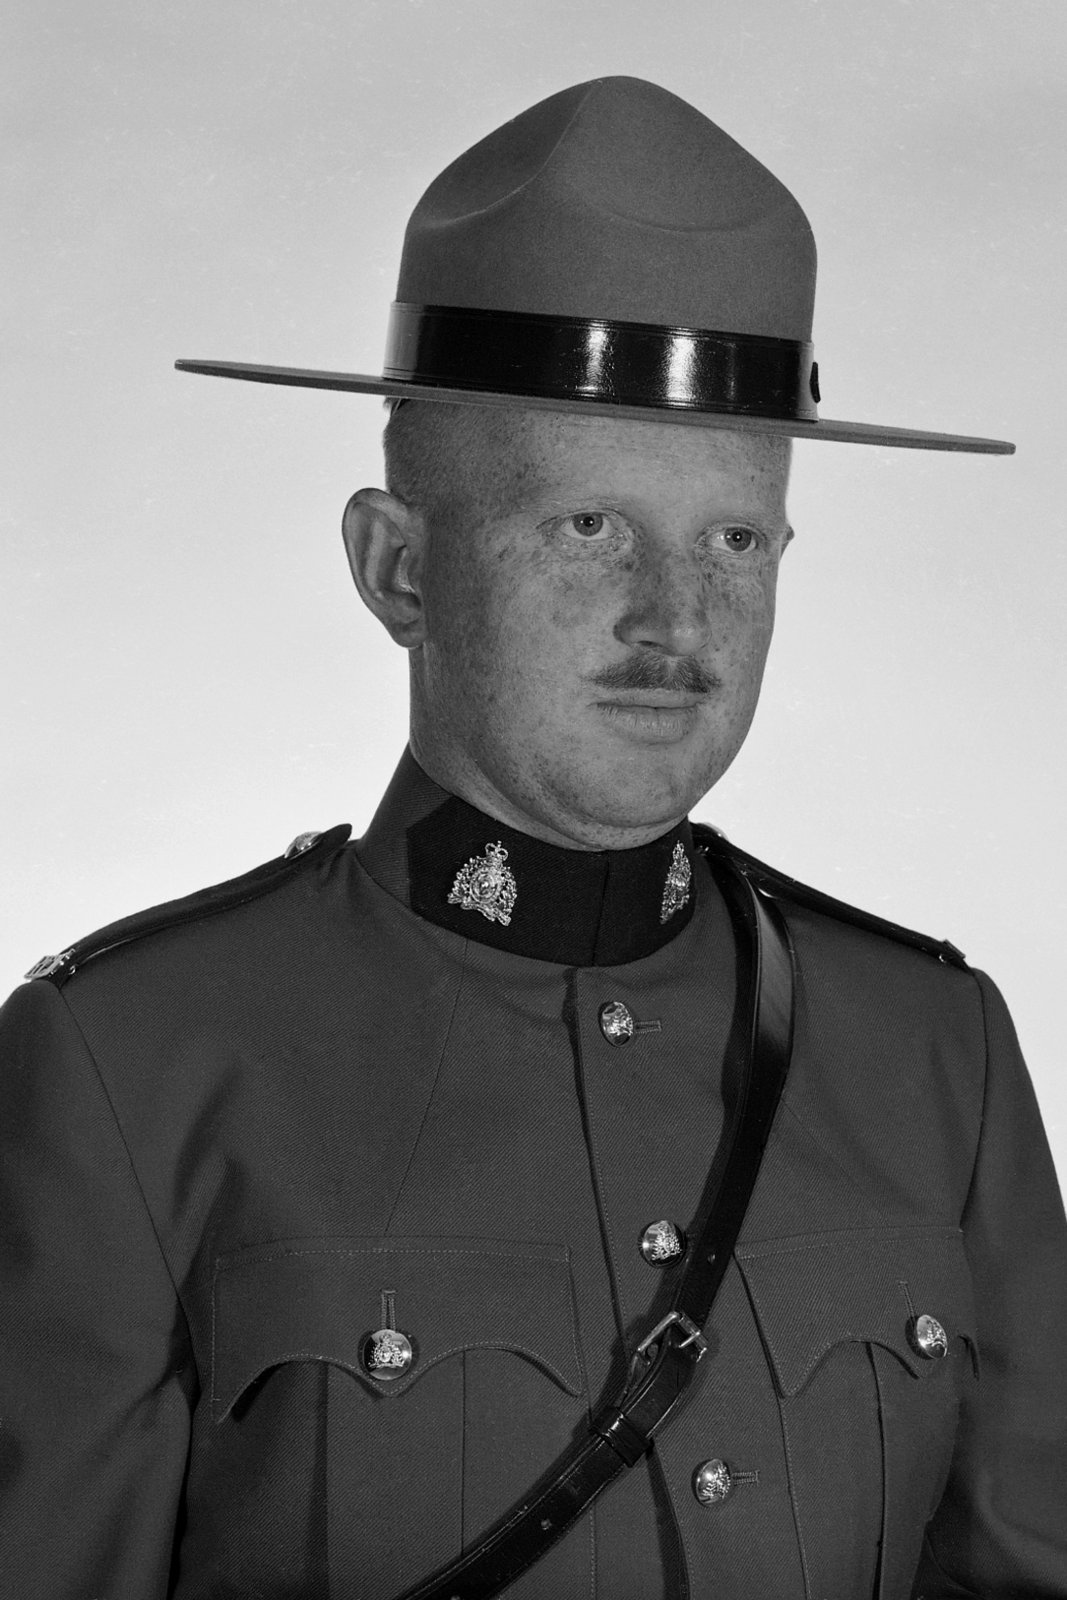 Constable Michael Robert Mason